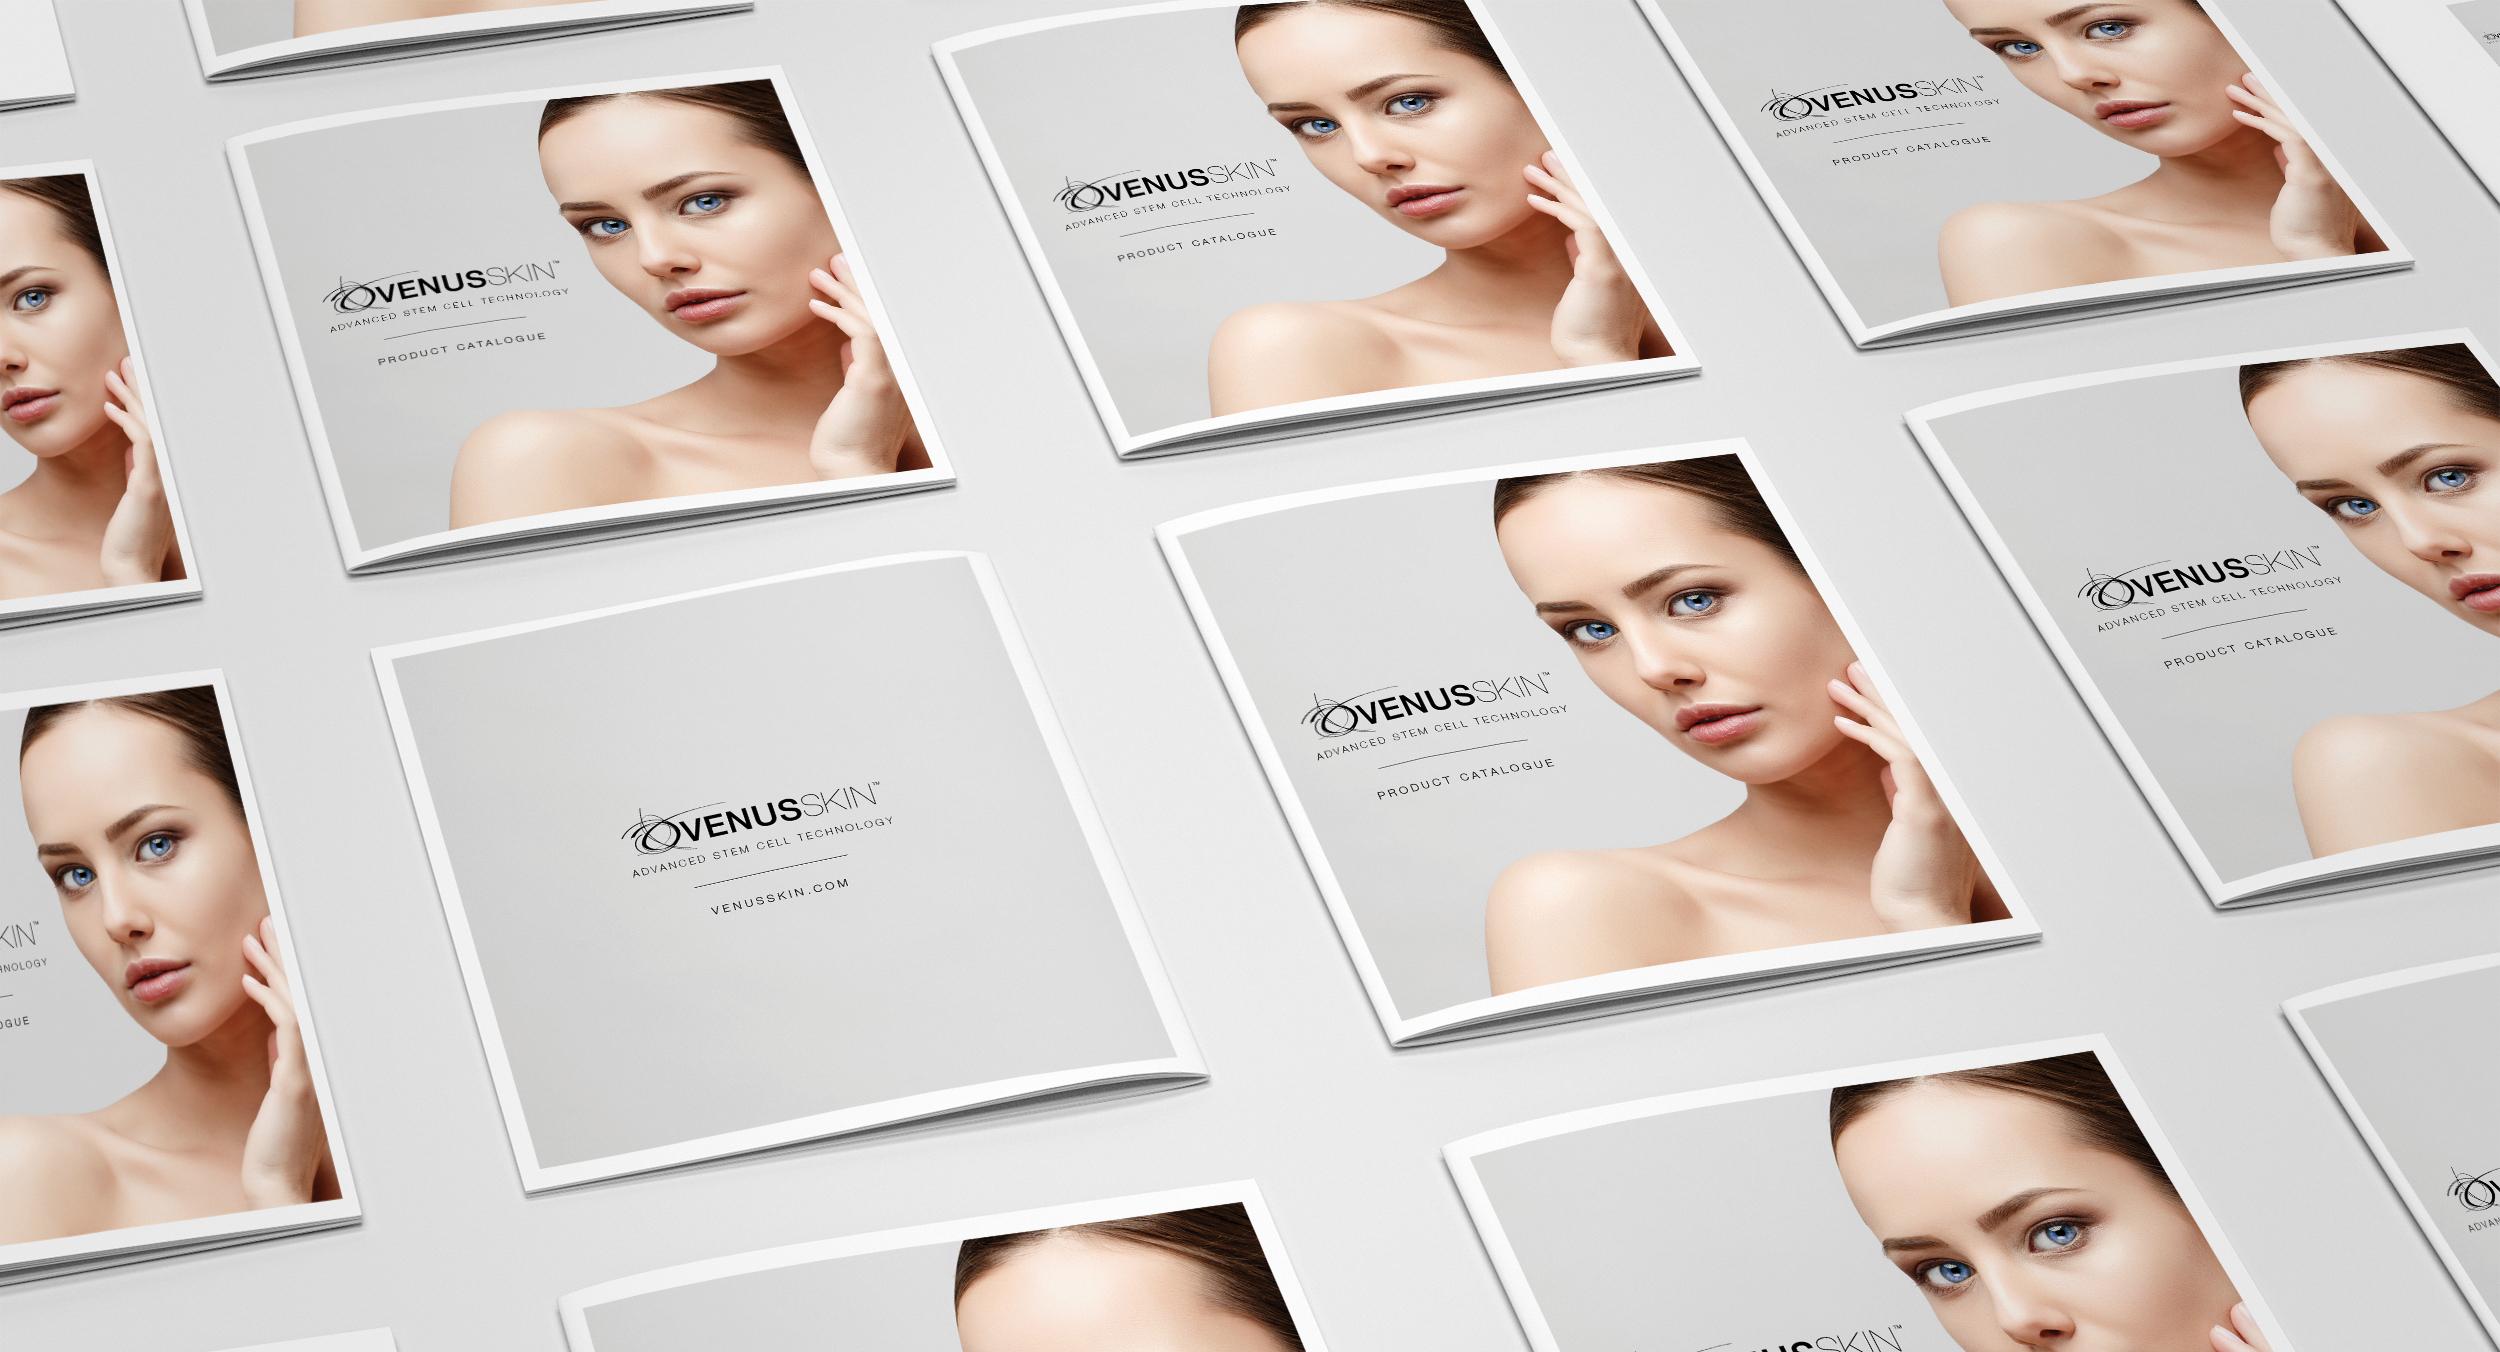 VenusSkin_ProductBrochure_Composite.jpg